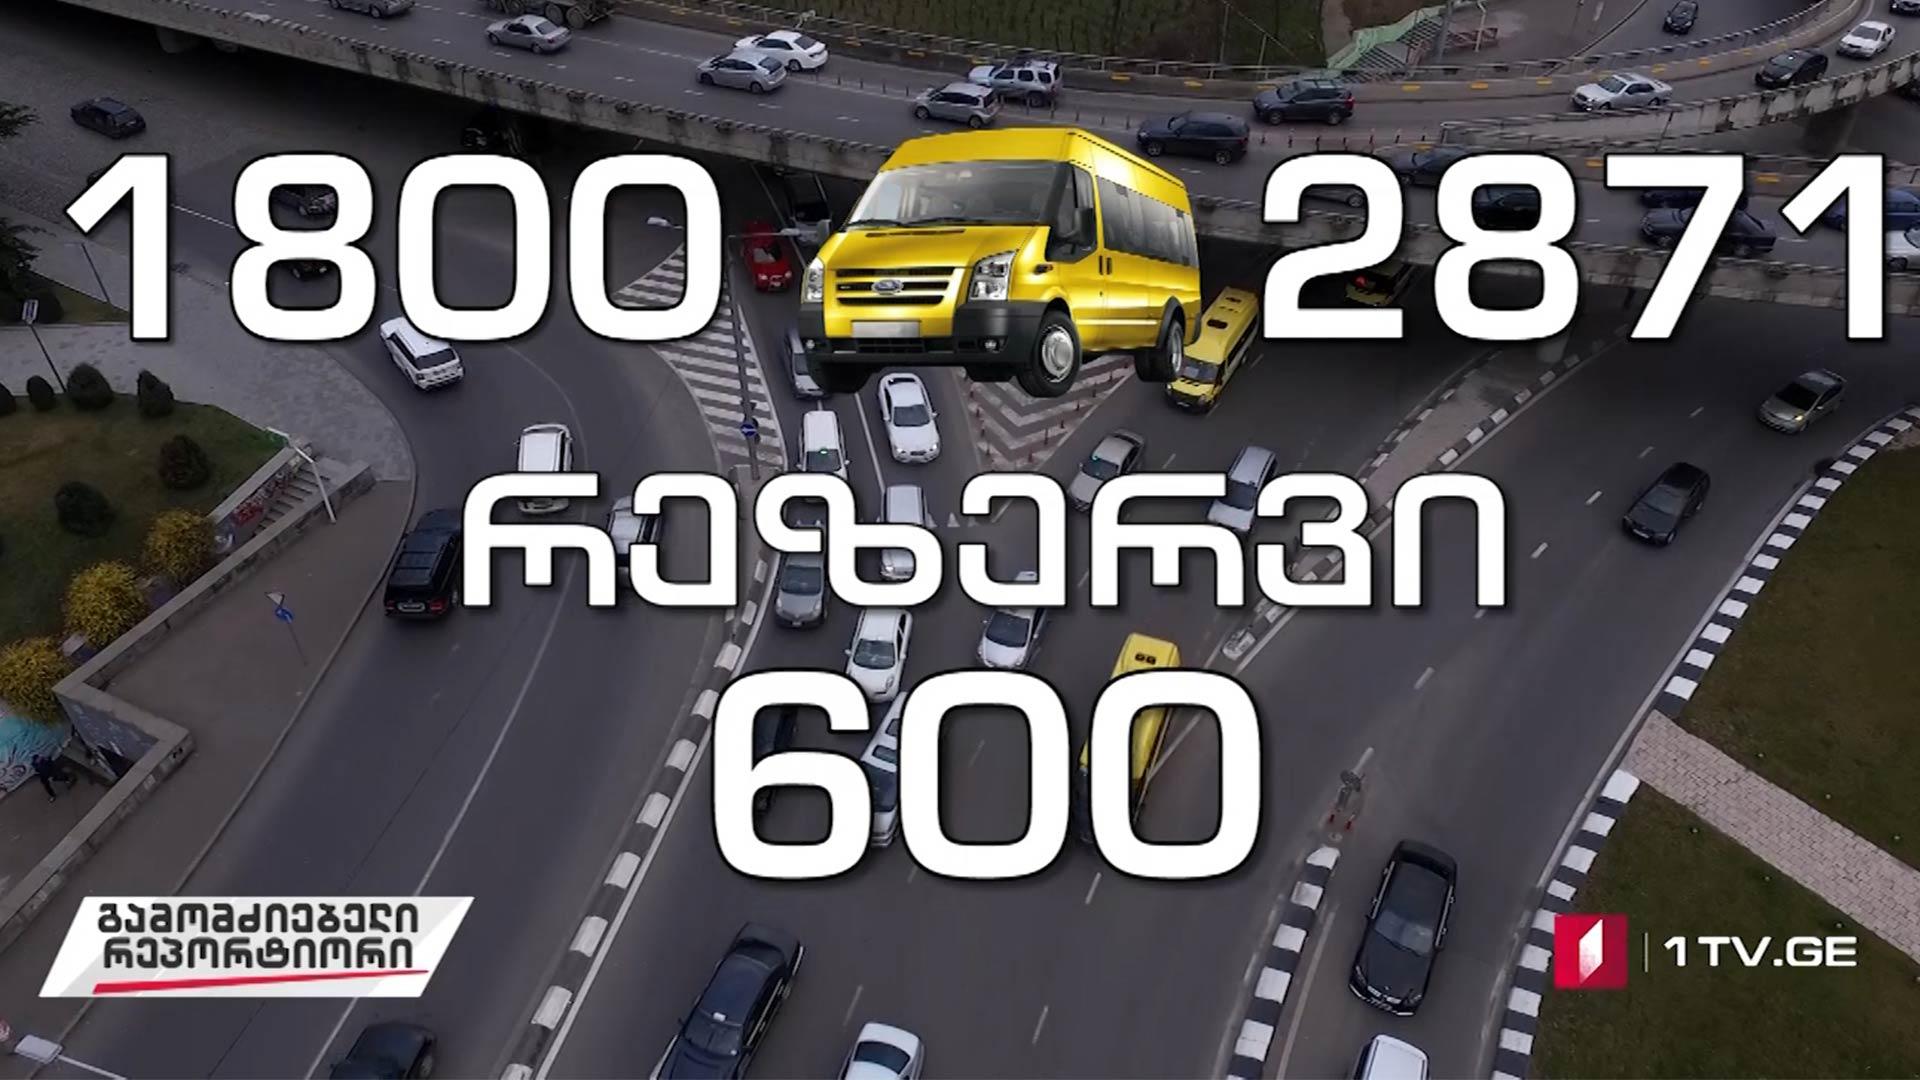 ხანძარი ჩვენს ტრანსპორტში - სახიფათო გარიგება ყვითელ